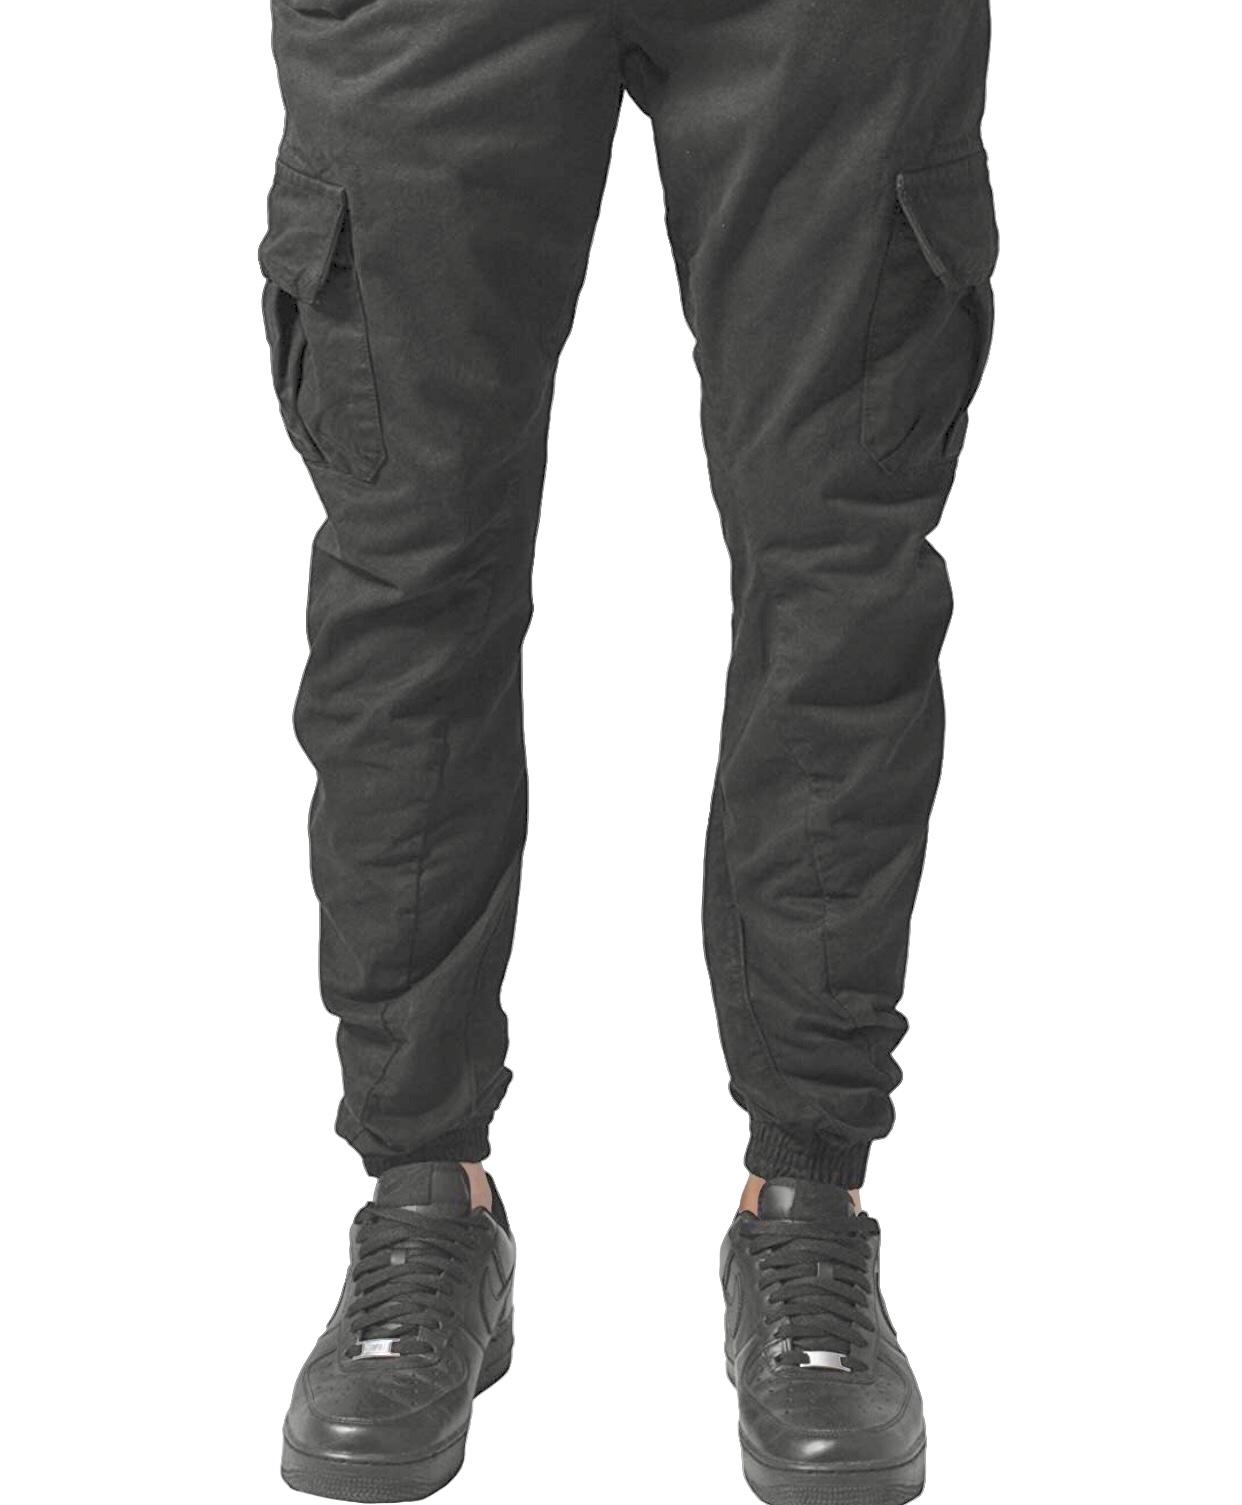 Herren Cargo Hose Jogging Pants mit Seitentaschen